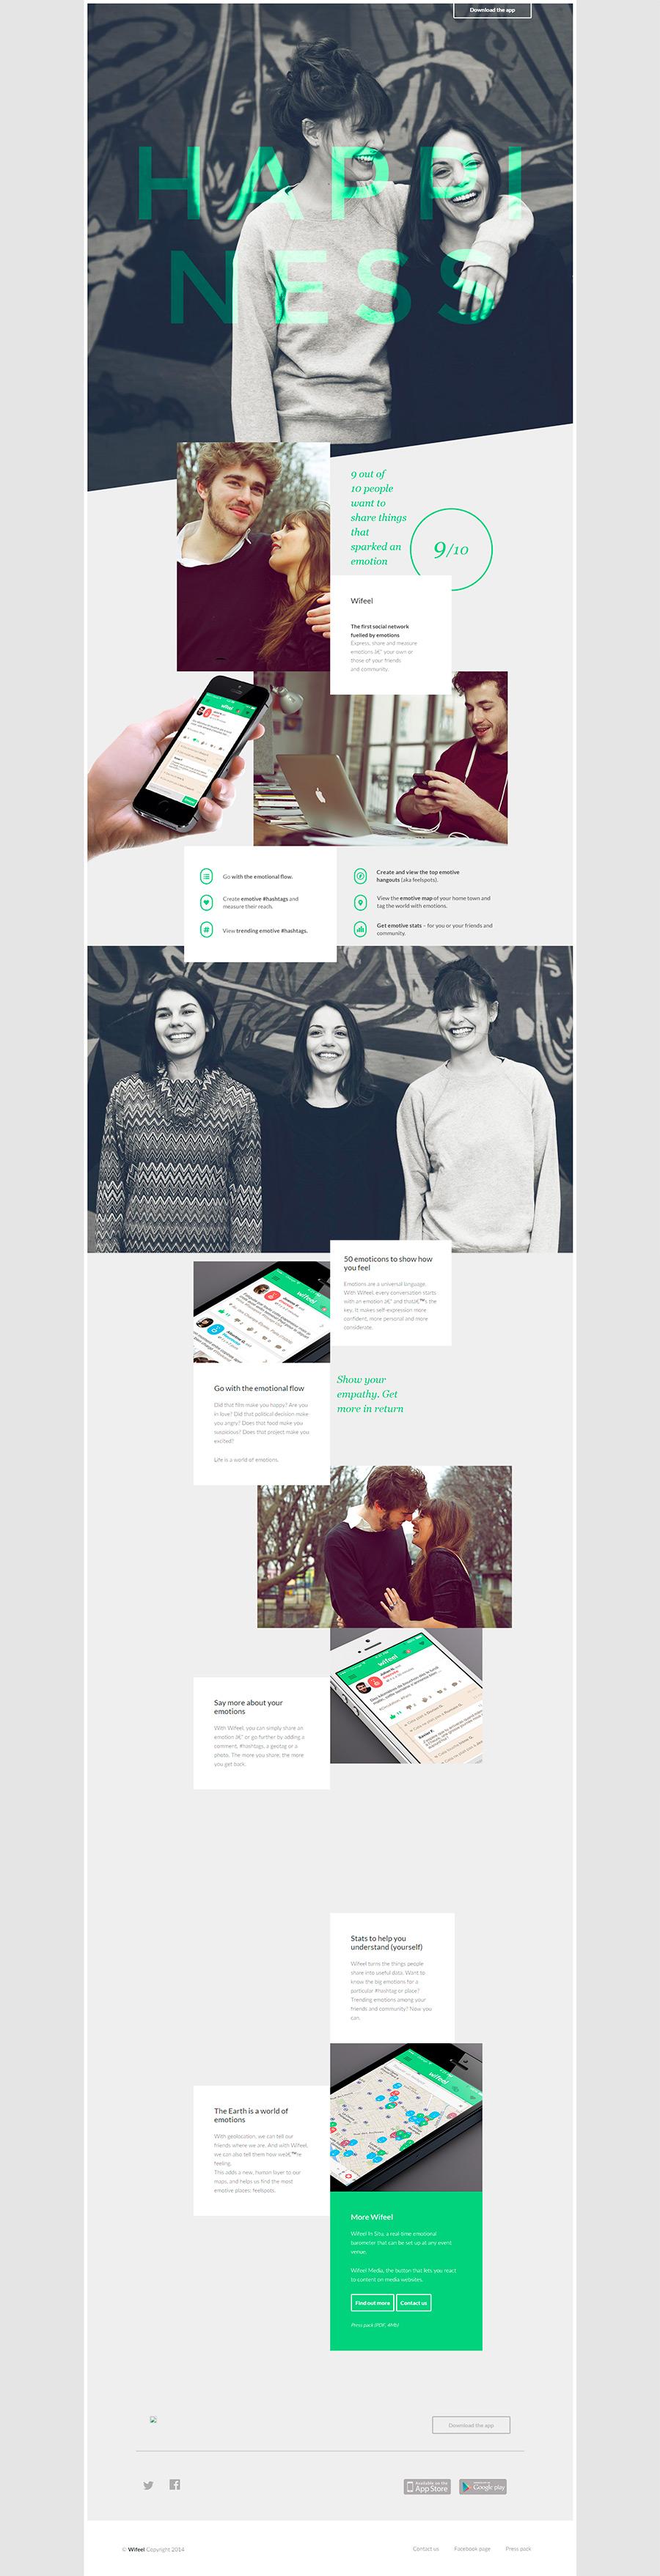 Wifeel- Inspiración web design